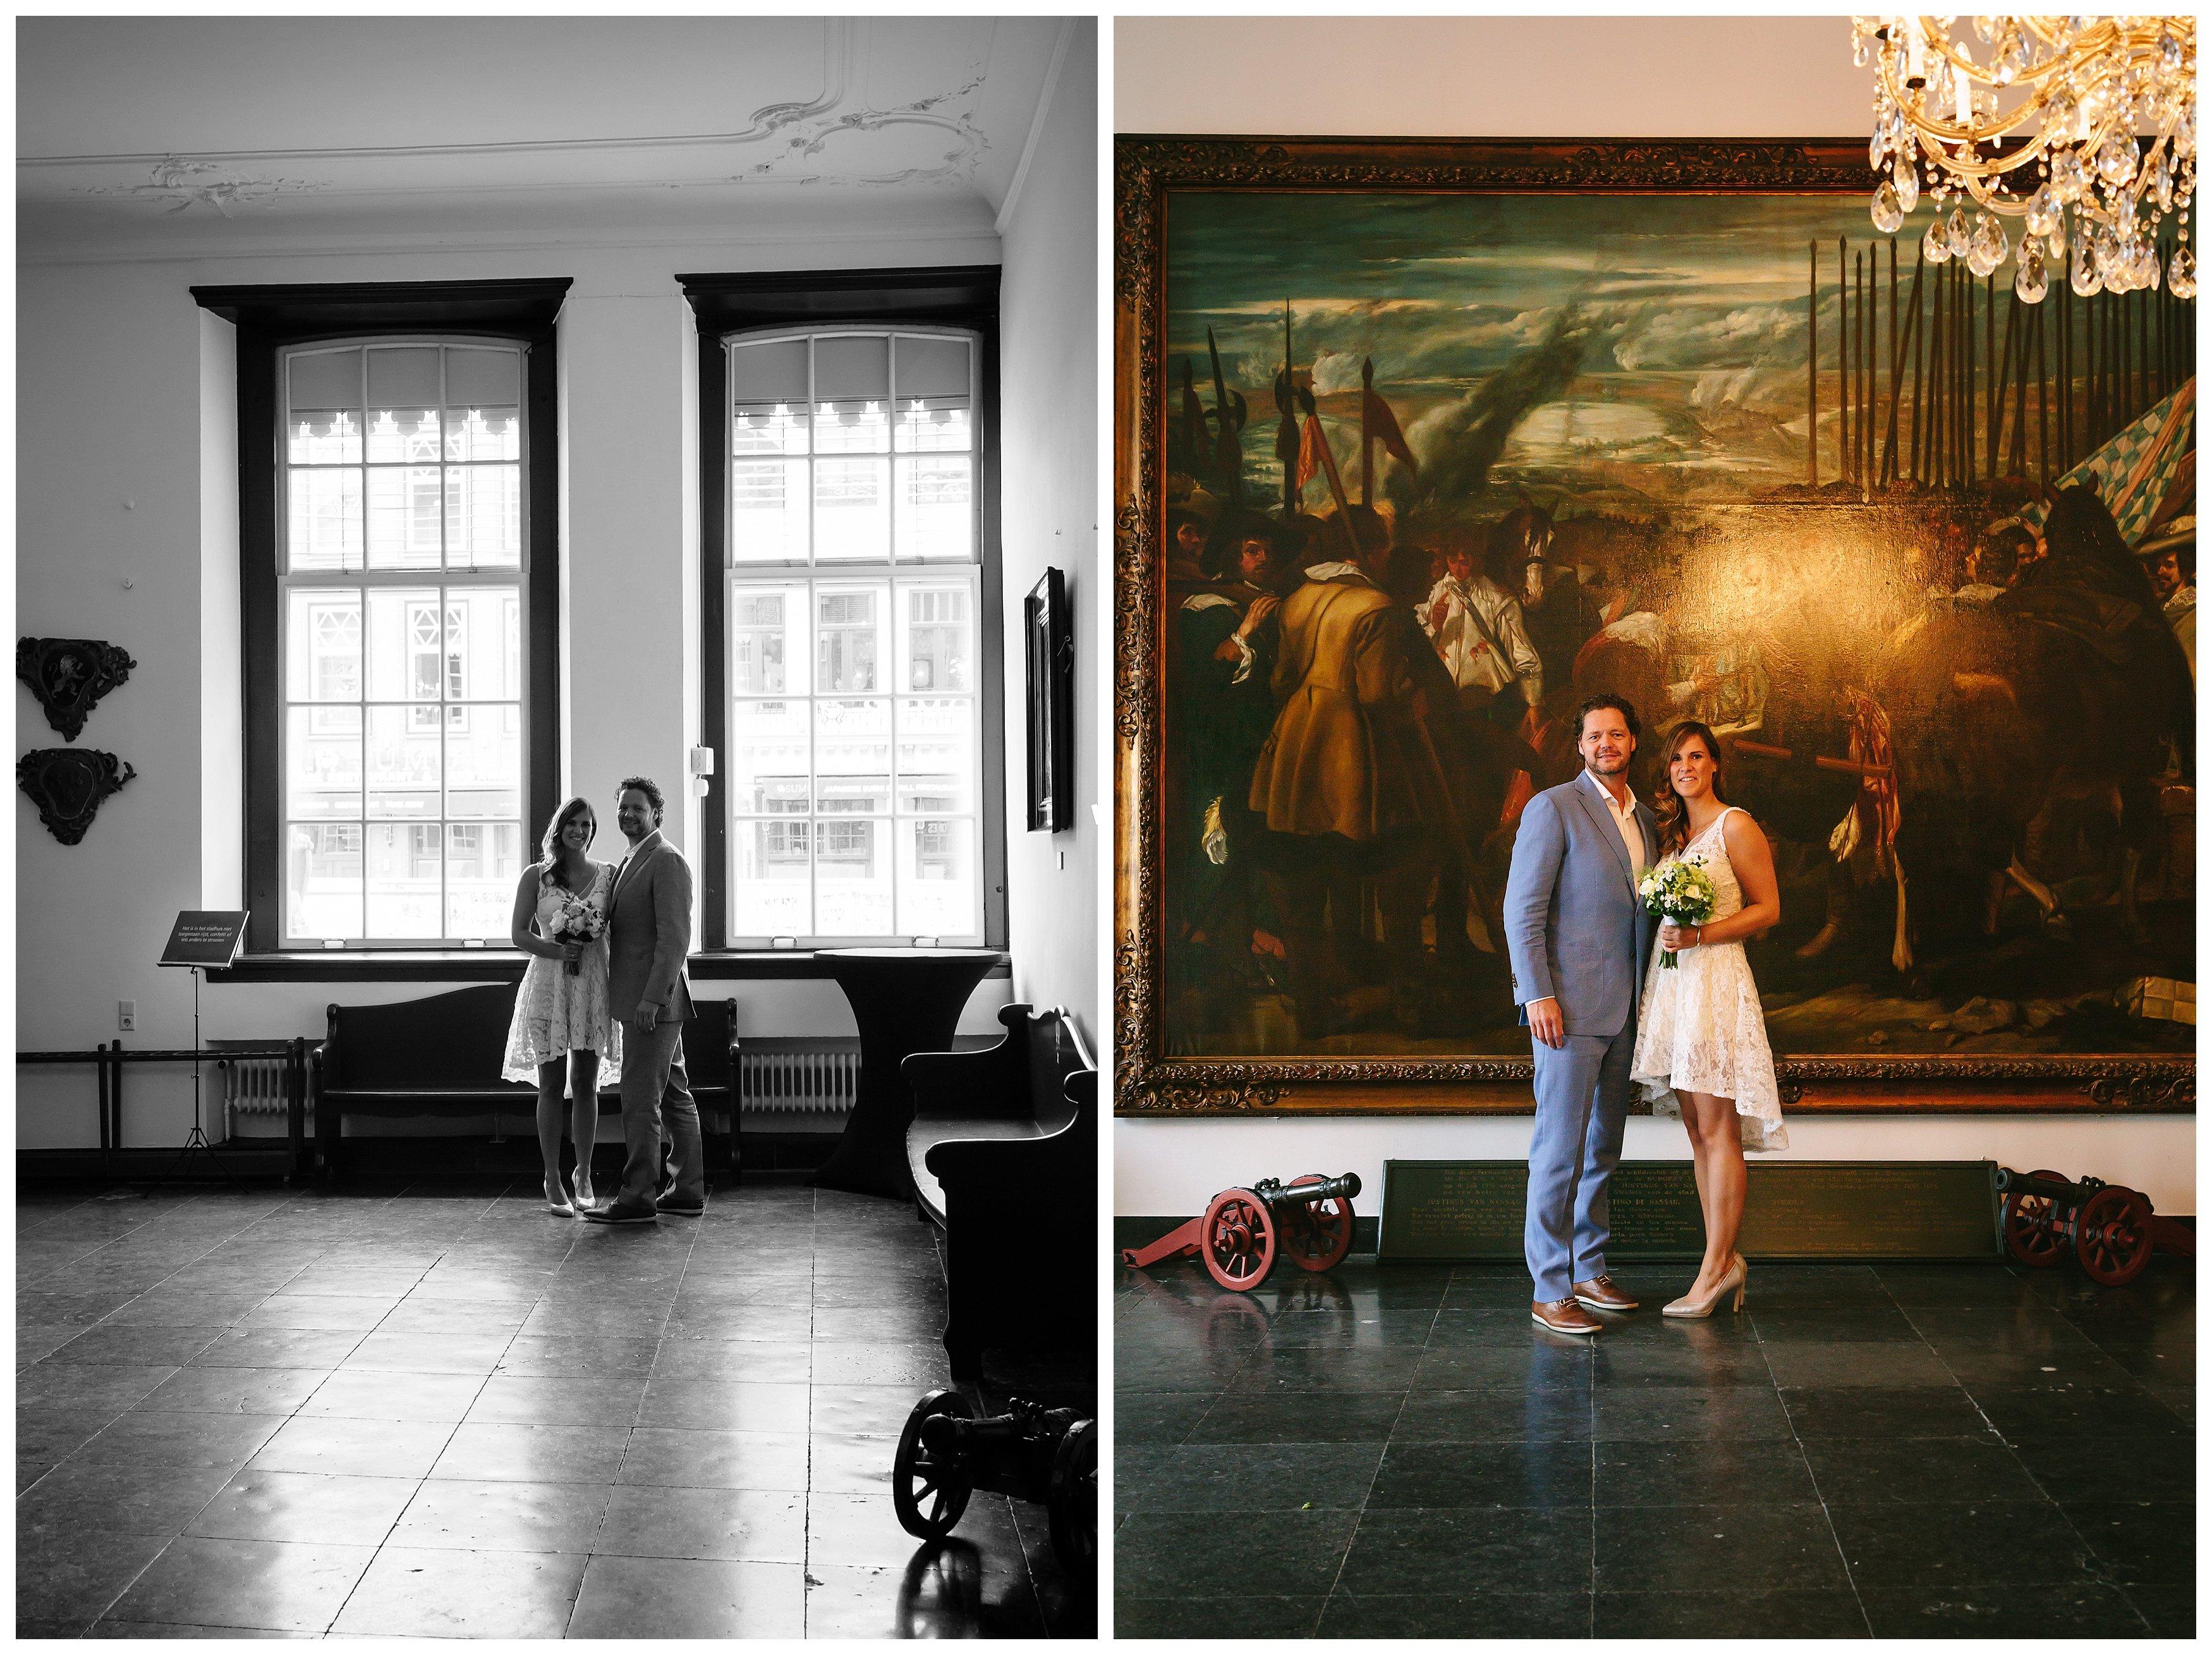 www.kroonmoment.nl_0004